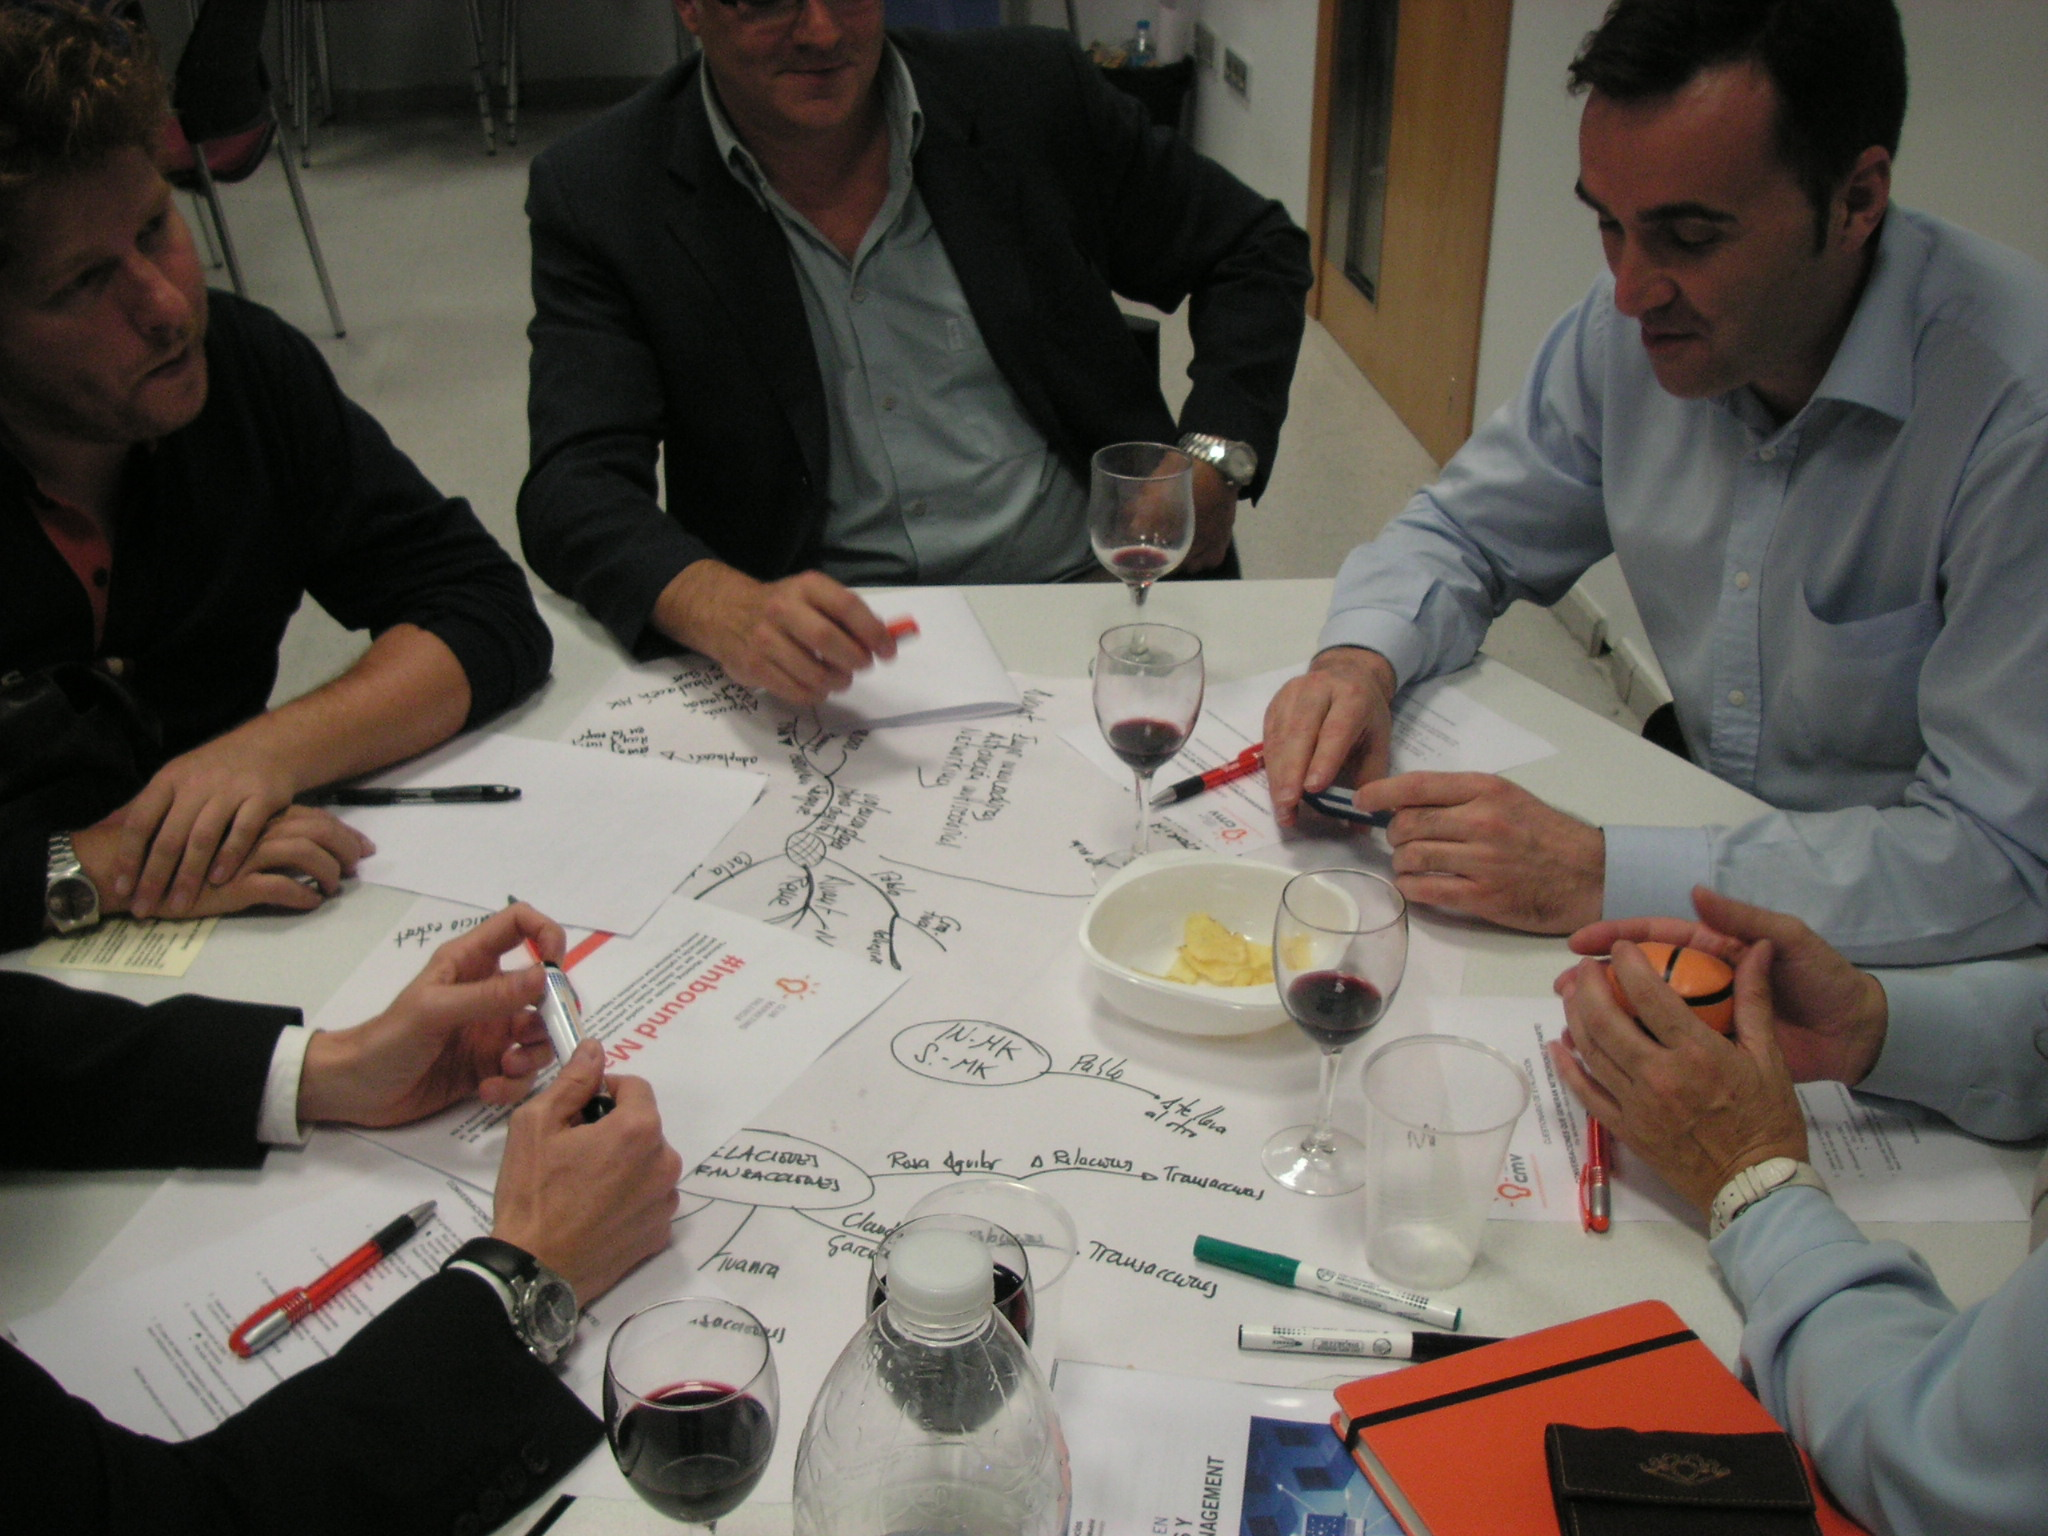 Conversaciones que generan NetWorking 4.0 – #vlc_business el jueves 15 de Noviembre a las 18.30 en Holiday Inn Valencia